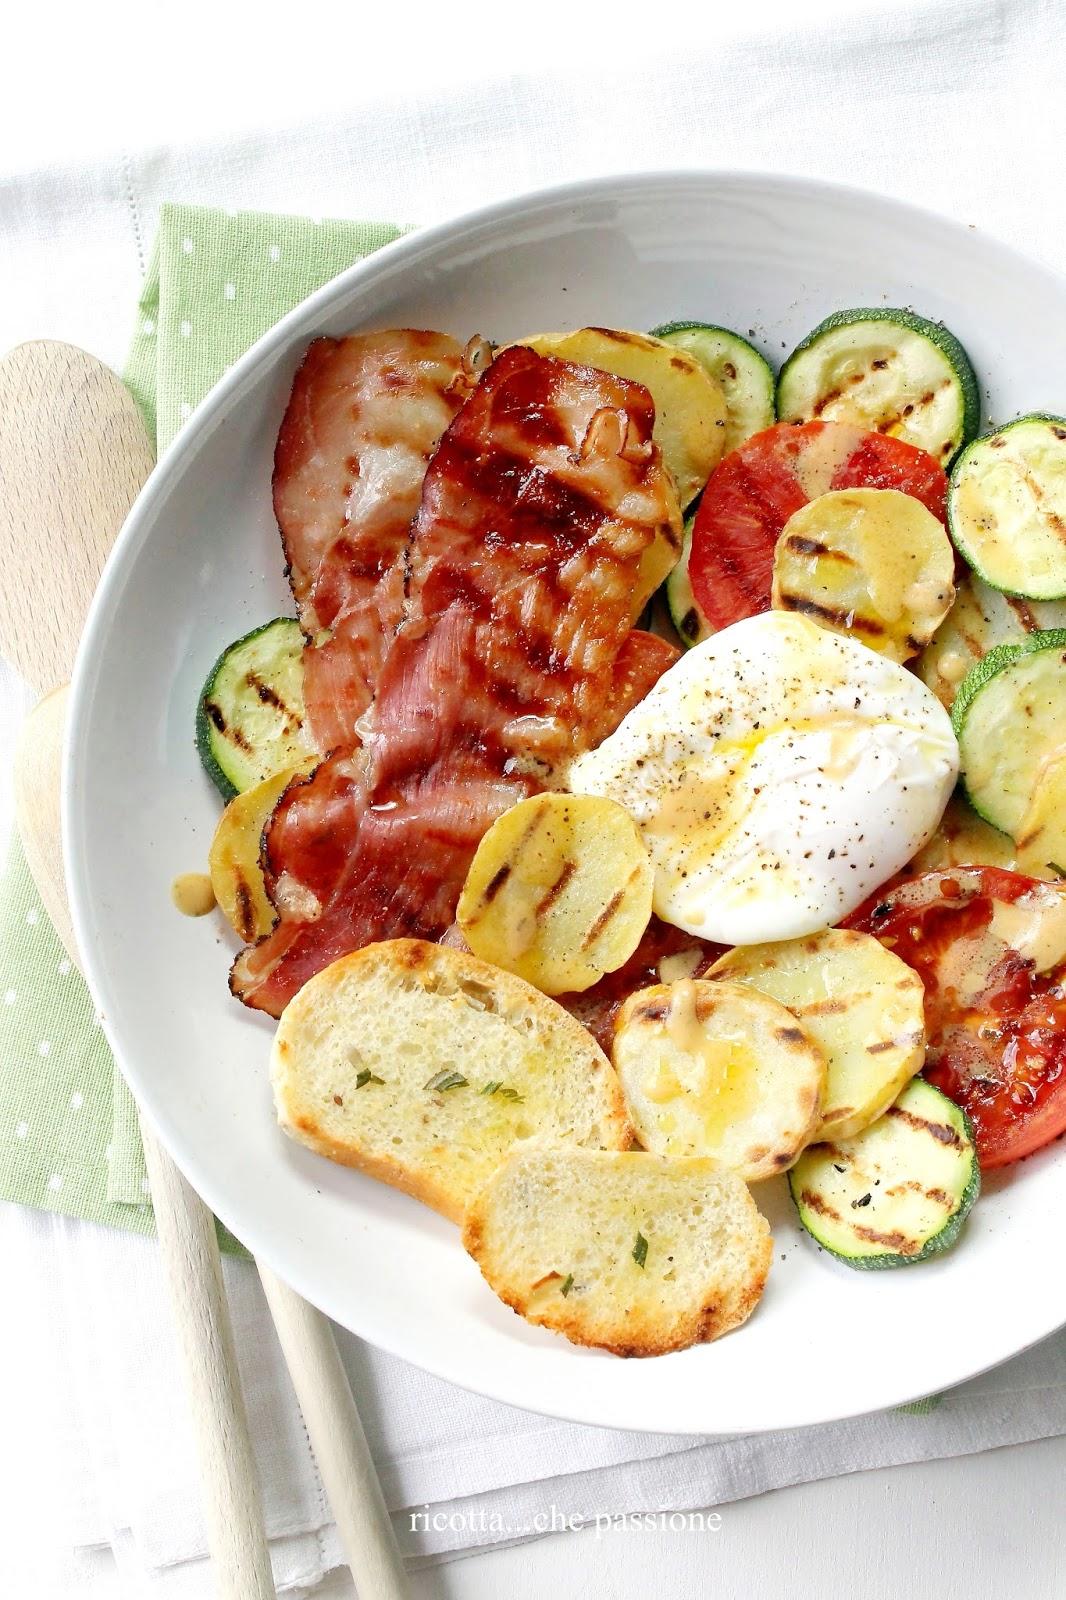 verdure grigliate con uovo in camicia, crostini di pane al rosmarino e speck croccante